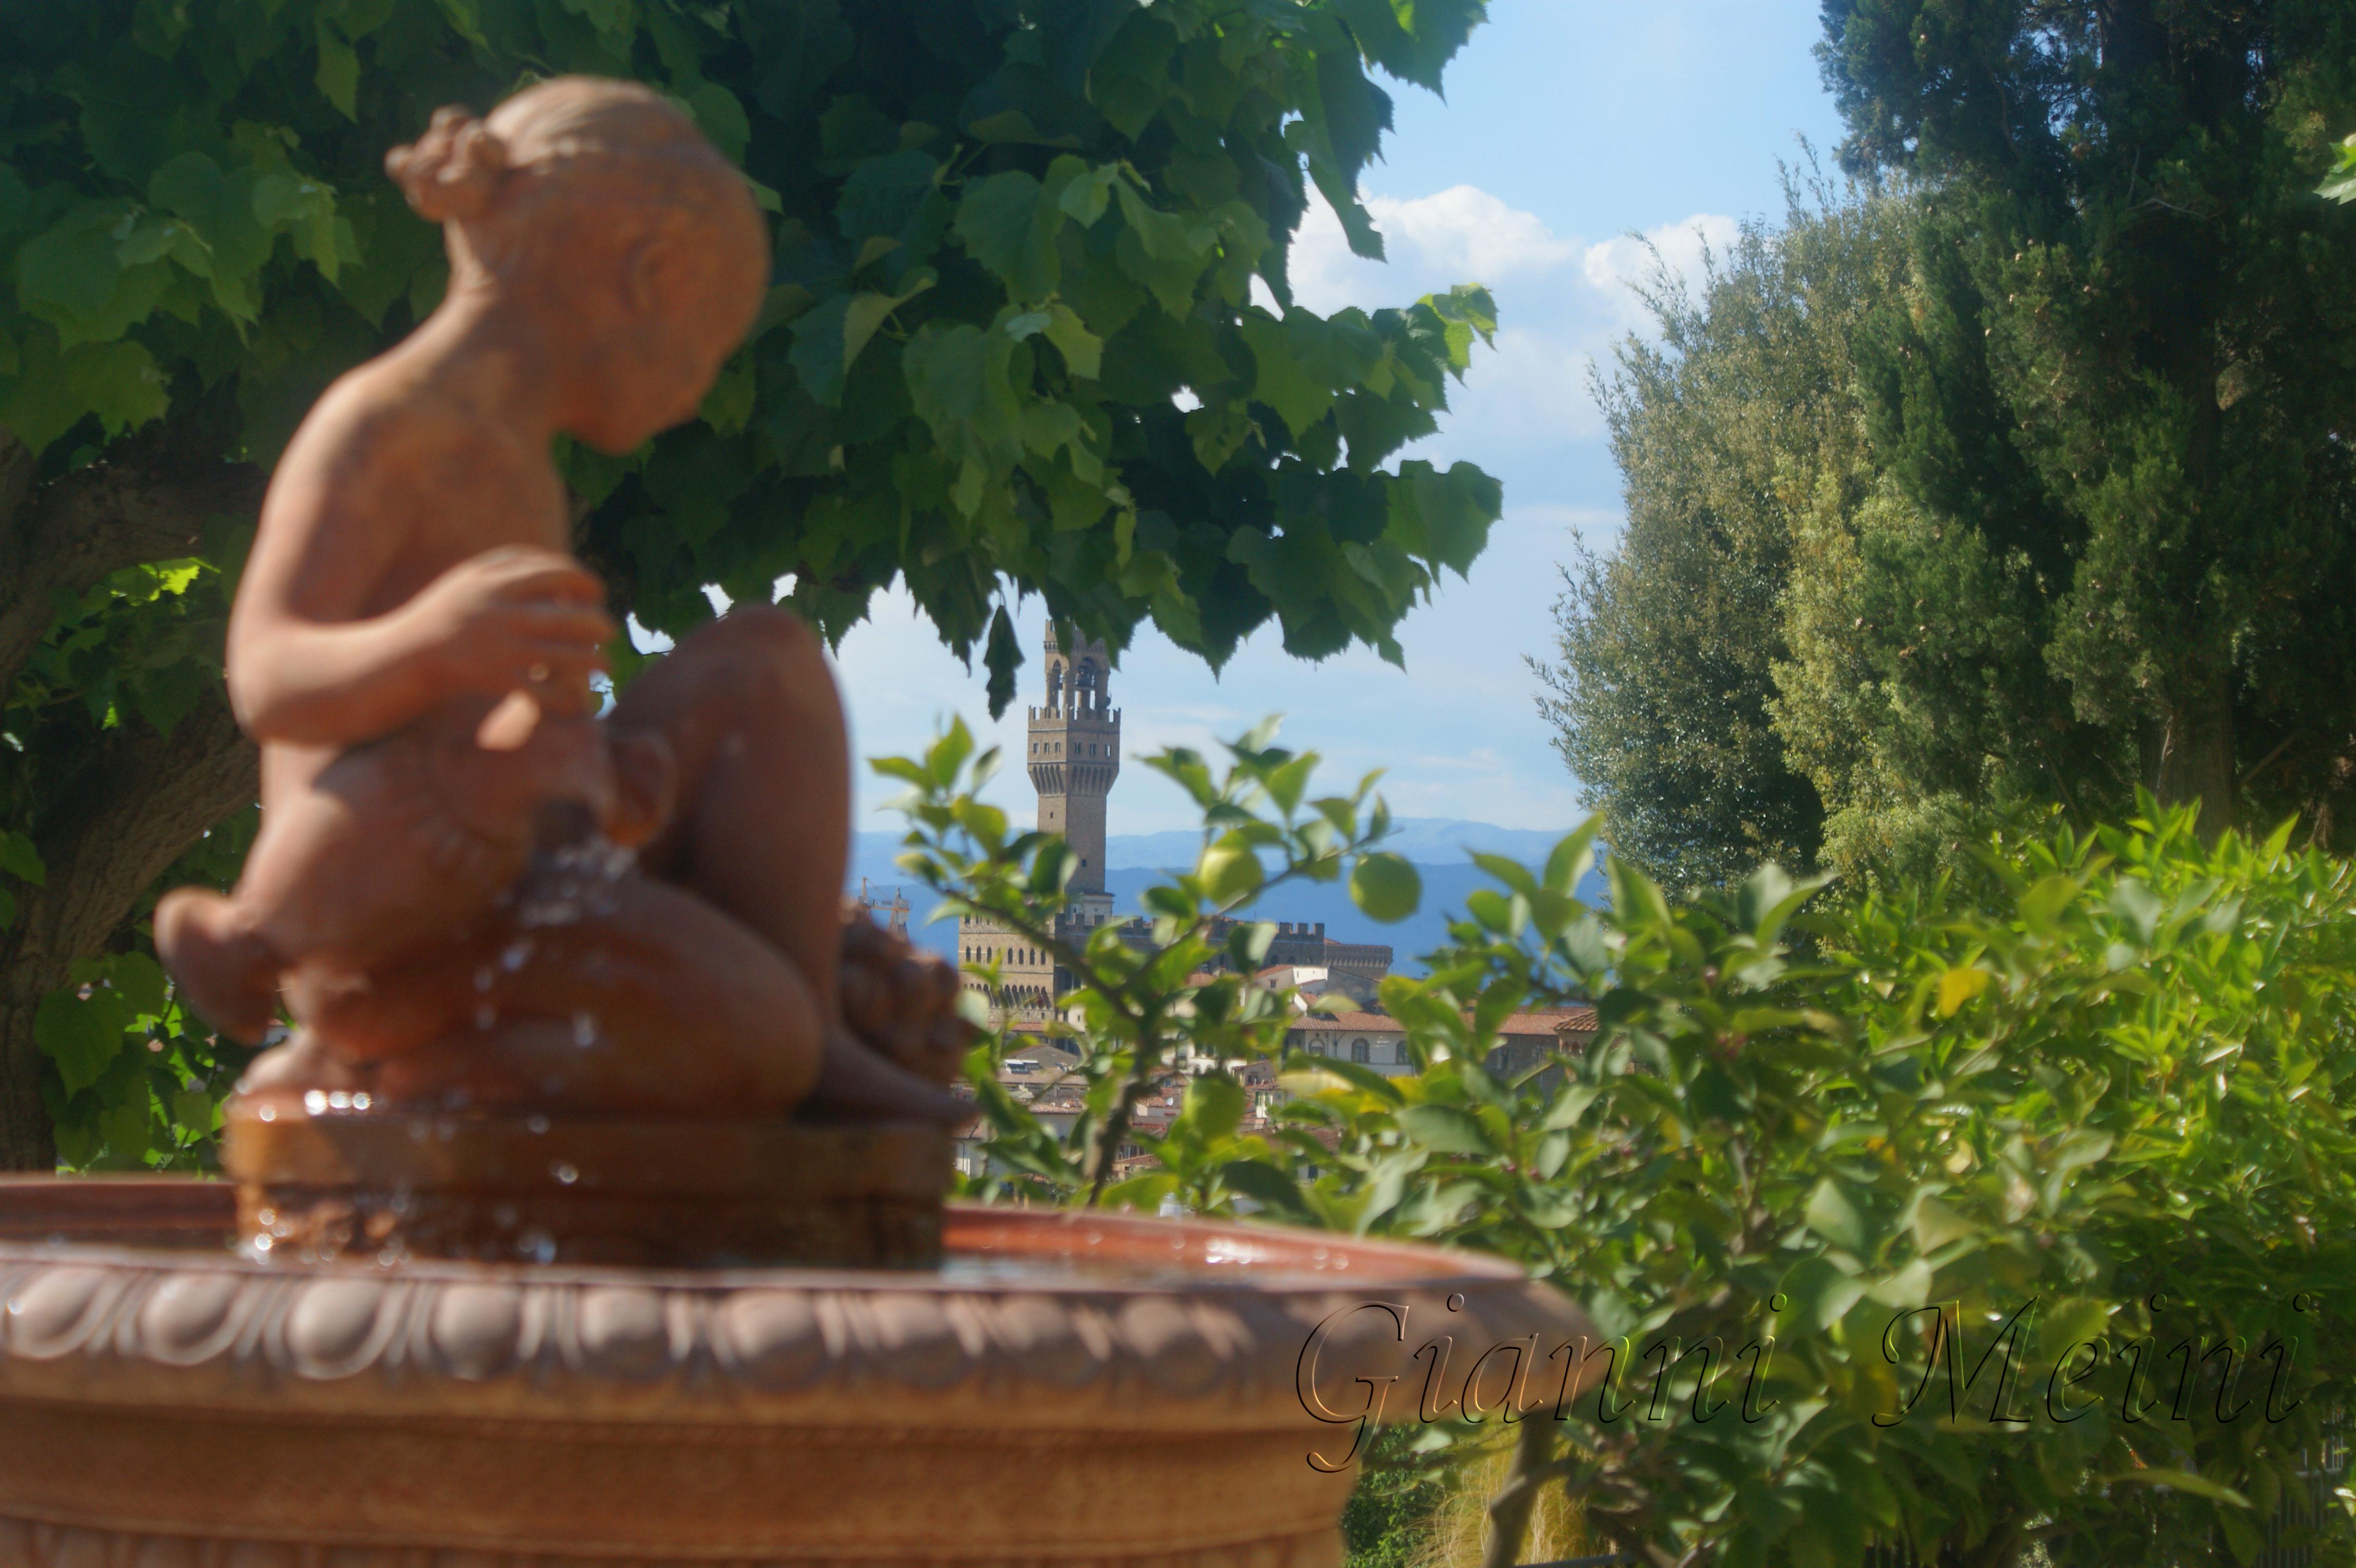 Il giardino delle rose 2012 firenzefoto - Il giardino delle rose ...